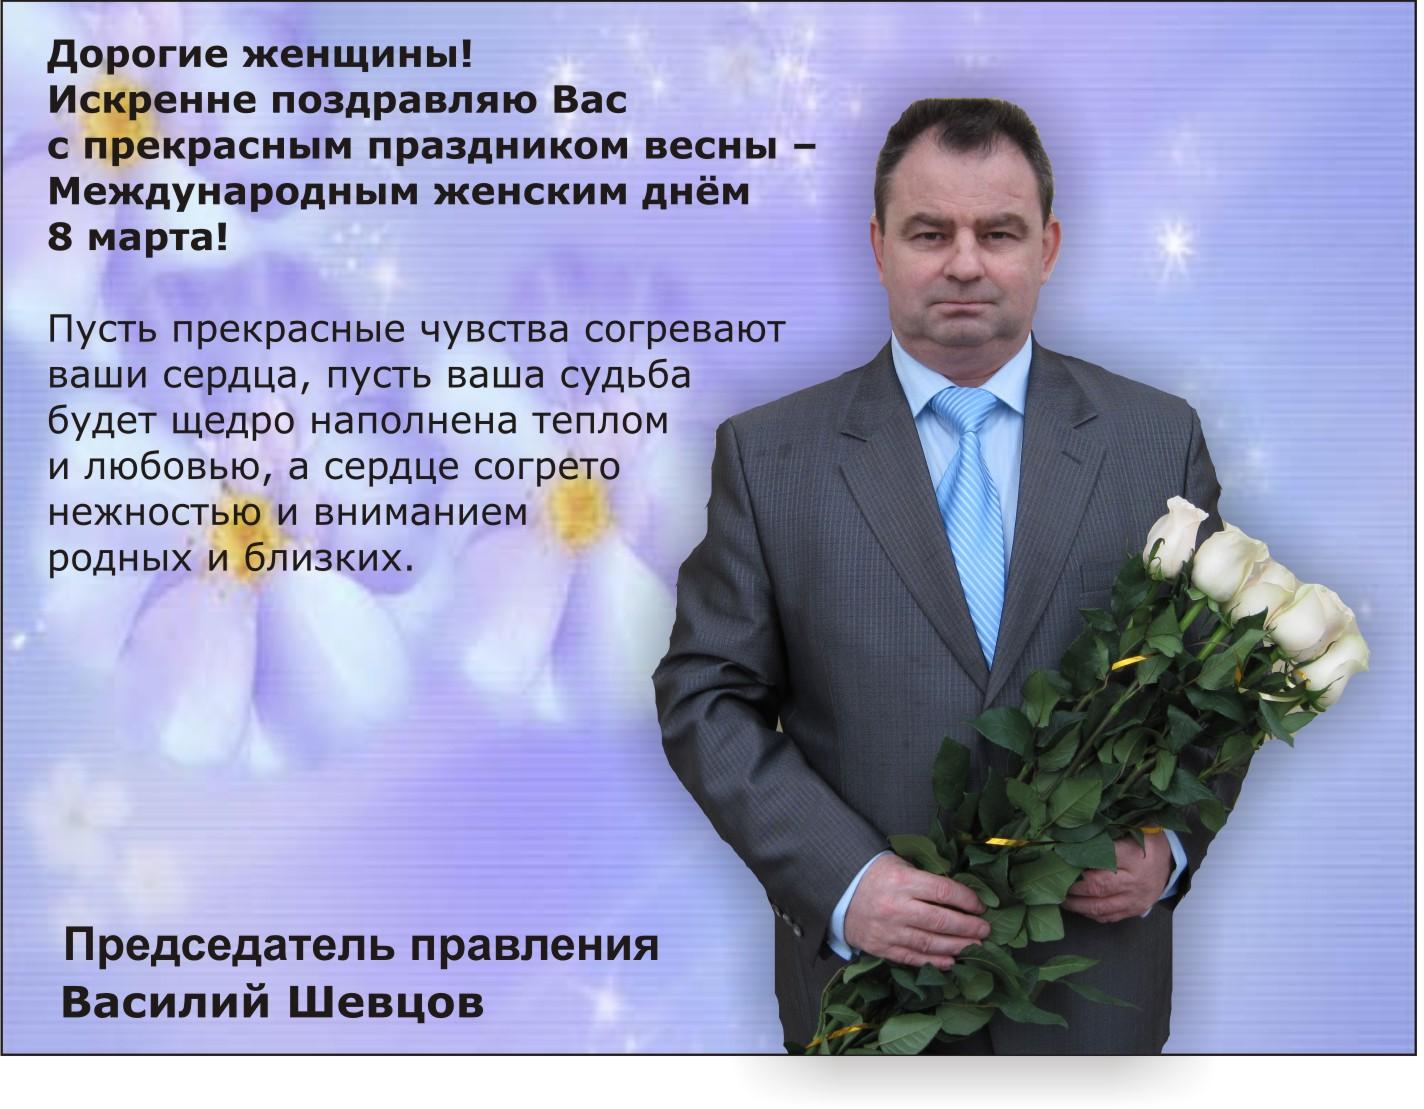 Поздравление с днем рождения татарском языке в прозе